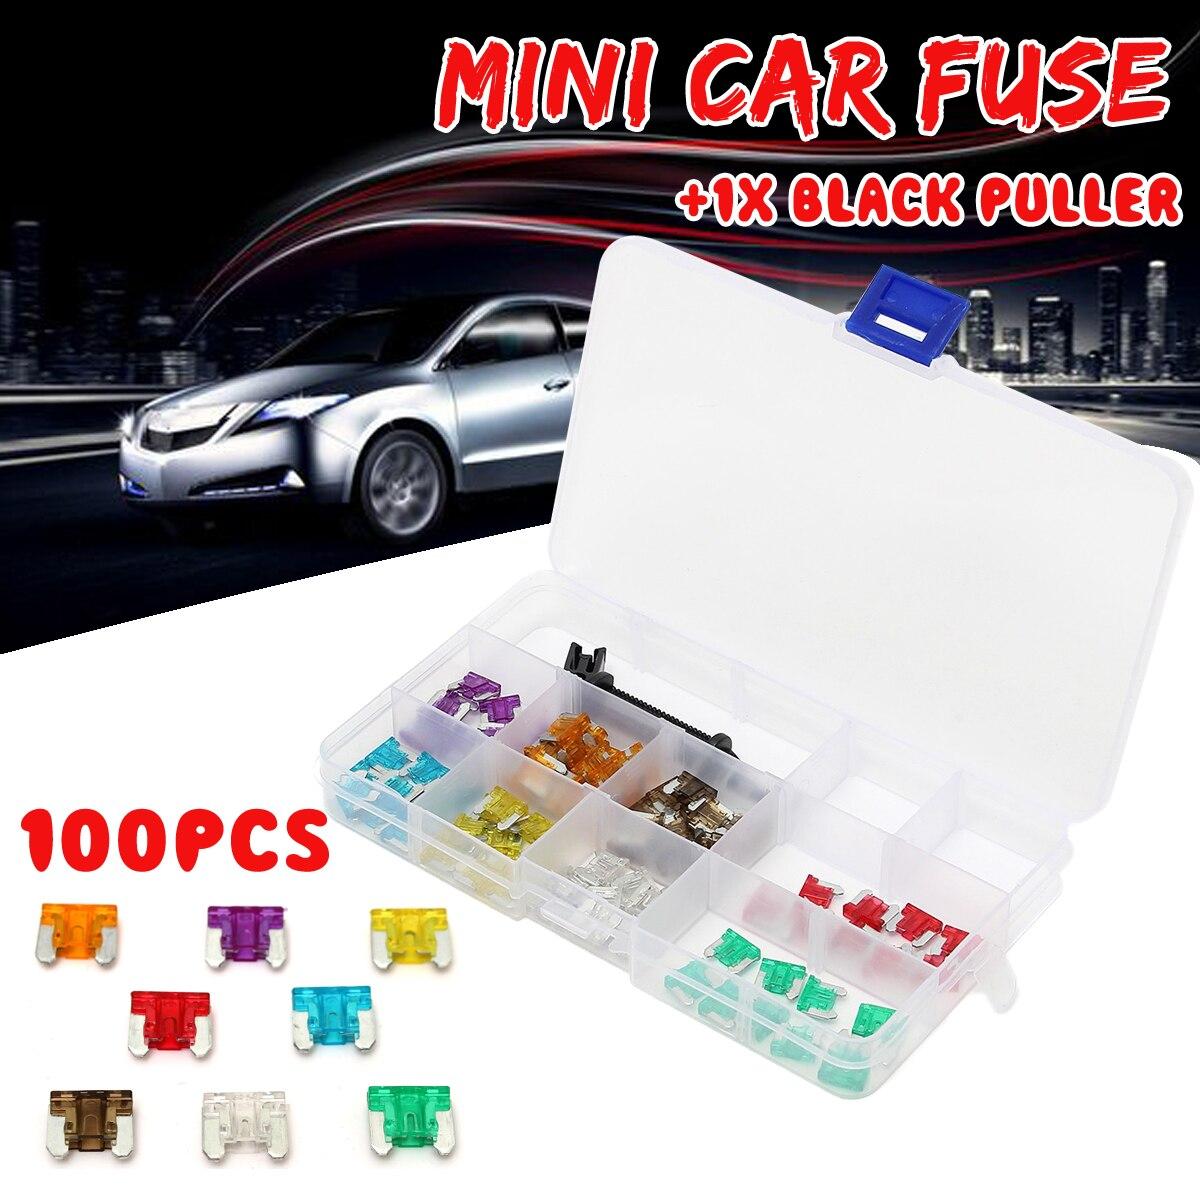 CAR BLADE Mini Fuse Box KIT 5 10 15 20 25 30 AMP CITROËN Saxo 96